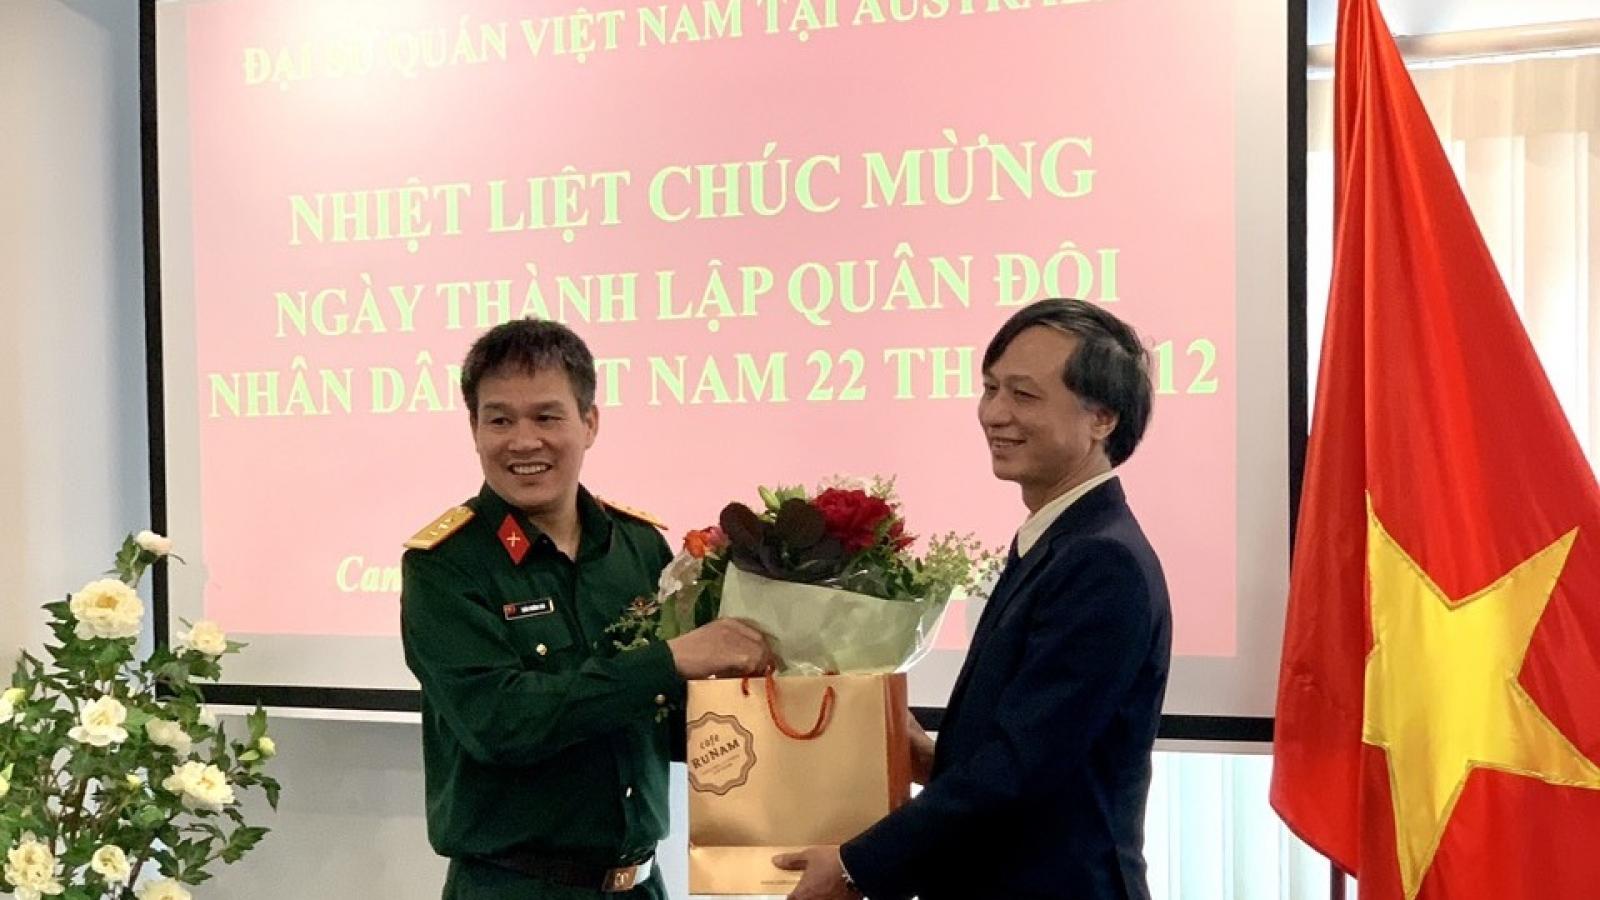 Kỷ niệm 76 năm ngày thành lập Quân đội Nhân dân Việt Nam tại Australia